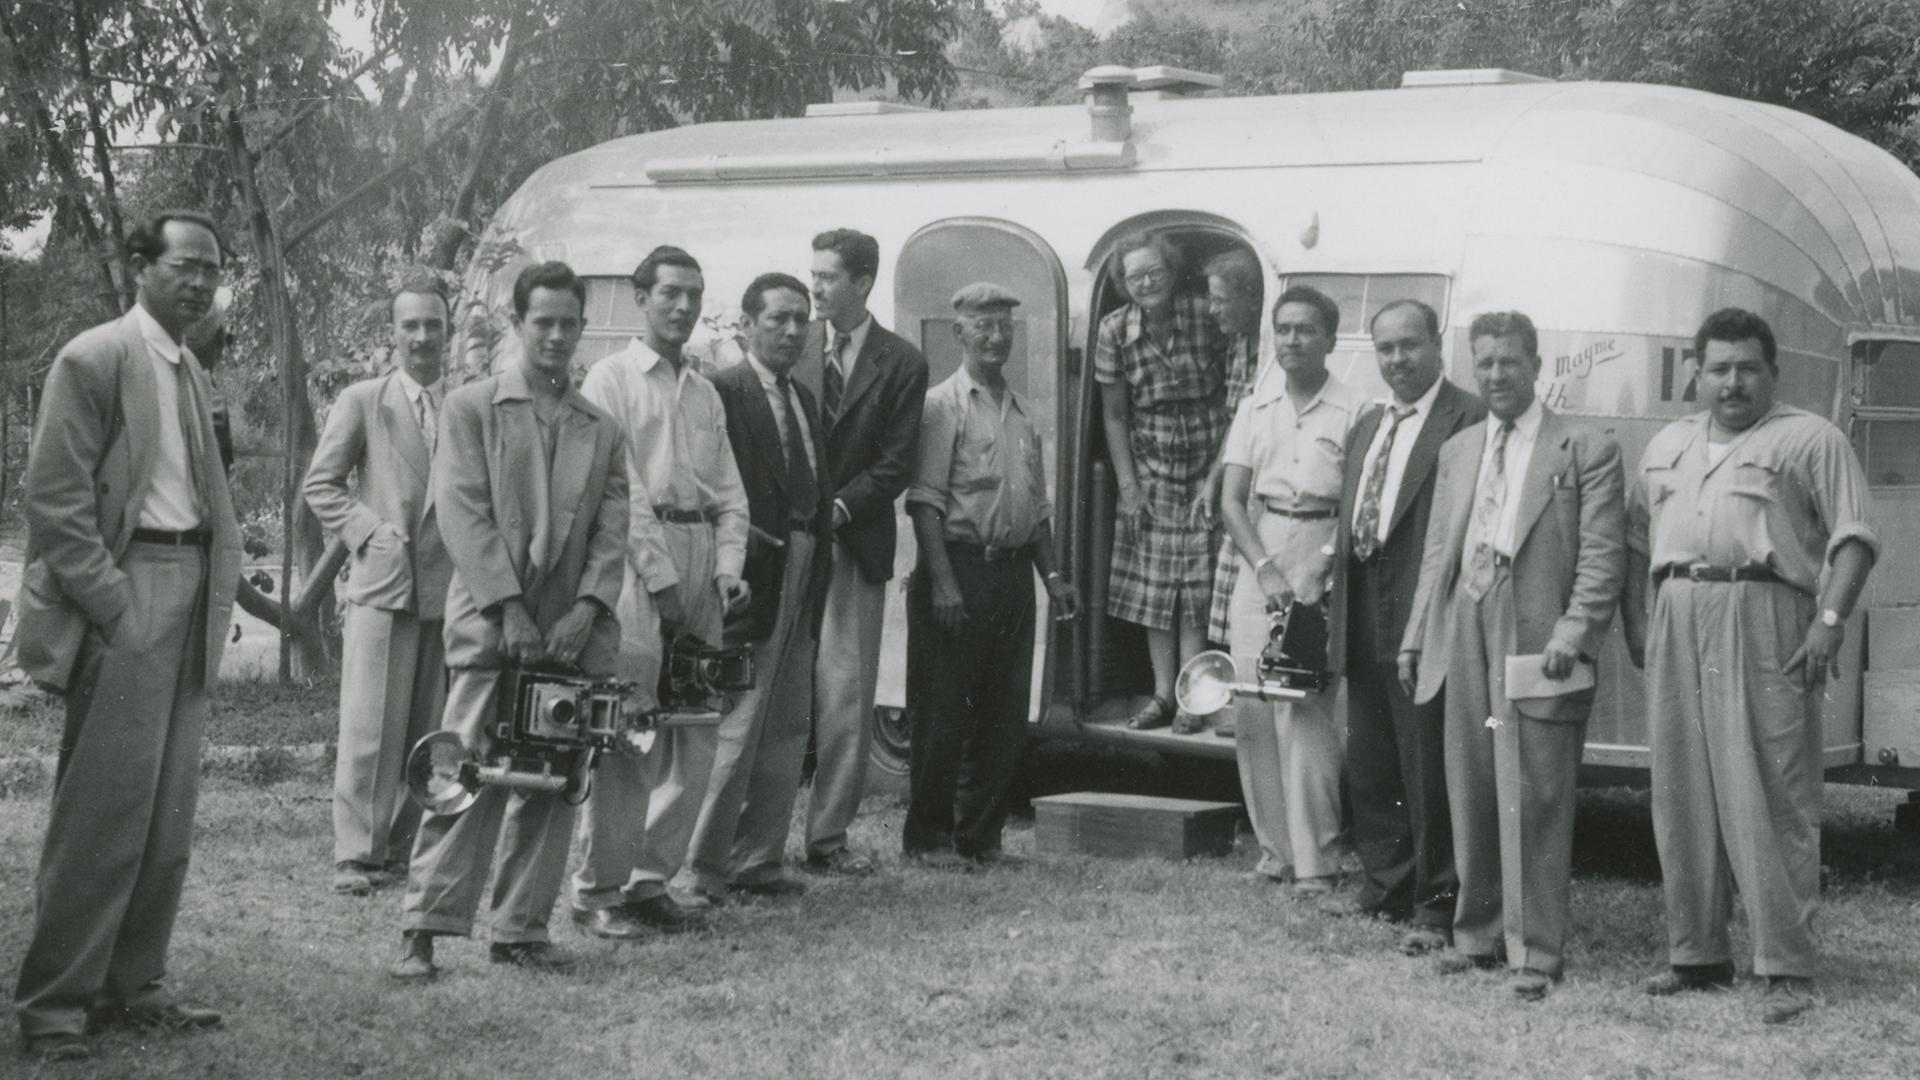 1951-1952-Mexico-Central-America-San-Salvador-Press-Visits-Caravan